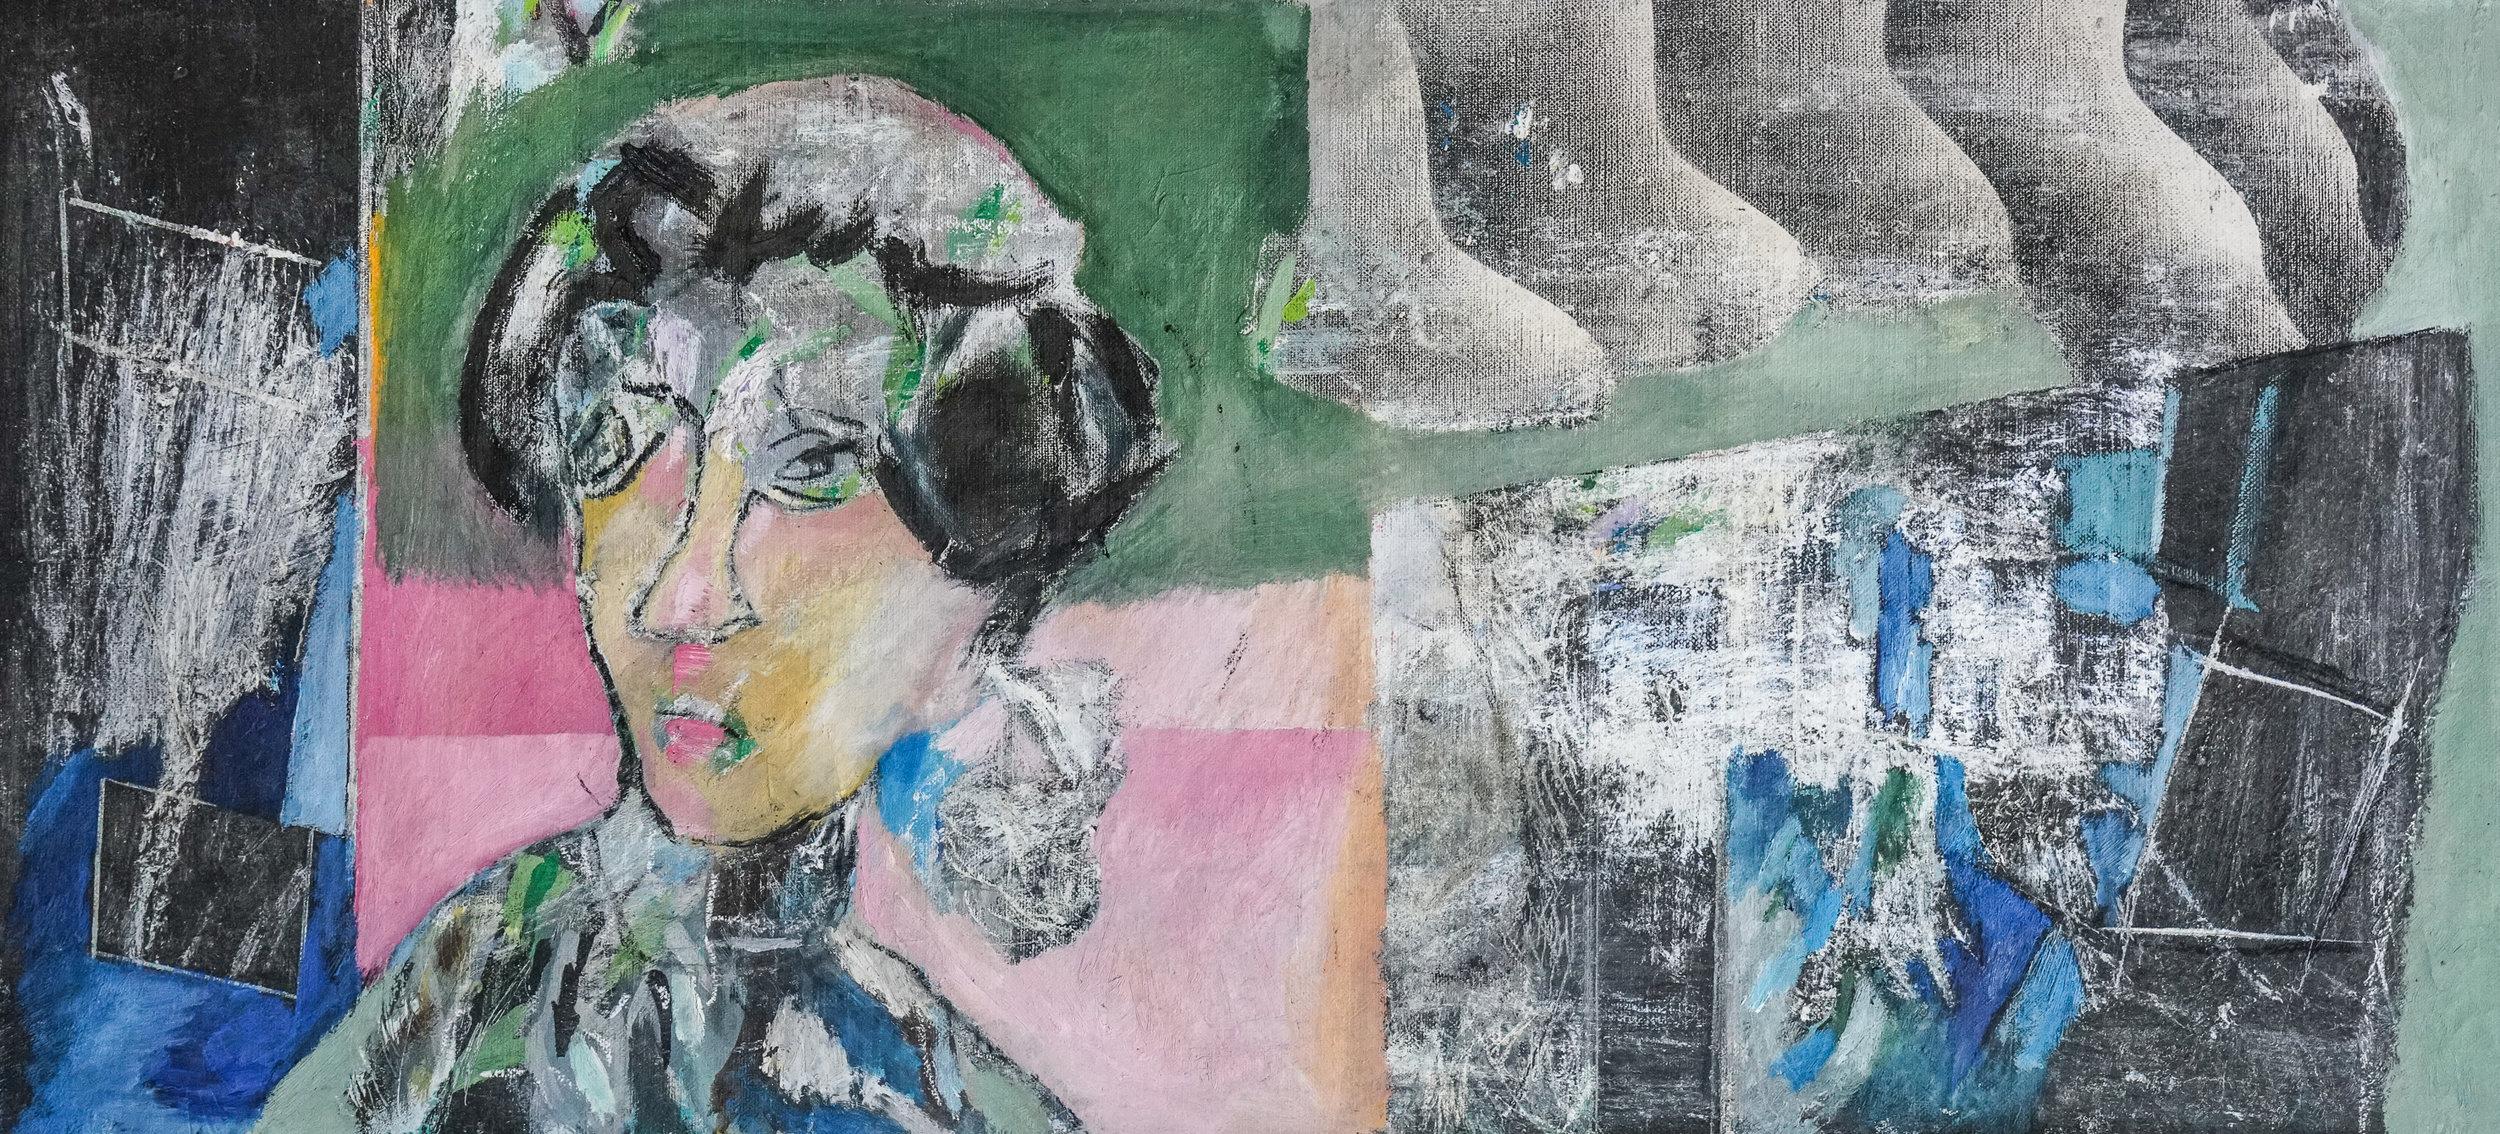 Lee du Ploy, Flory the Florist, Mixed Media, 50x100 cm.jpg